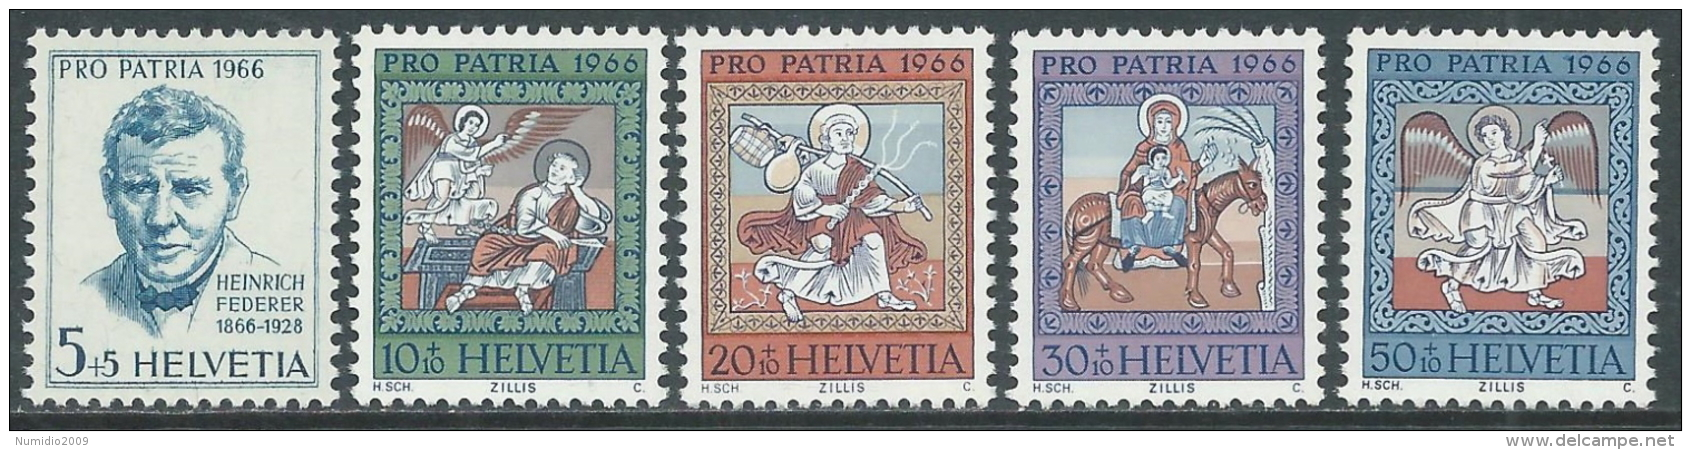 1966 SVIZZERA PRO PATRIA H. FEDERER QUADRI S. MARTINO DI ZILLIS MNH ** - I59-5 - Pro Patria